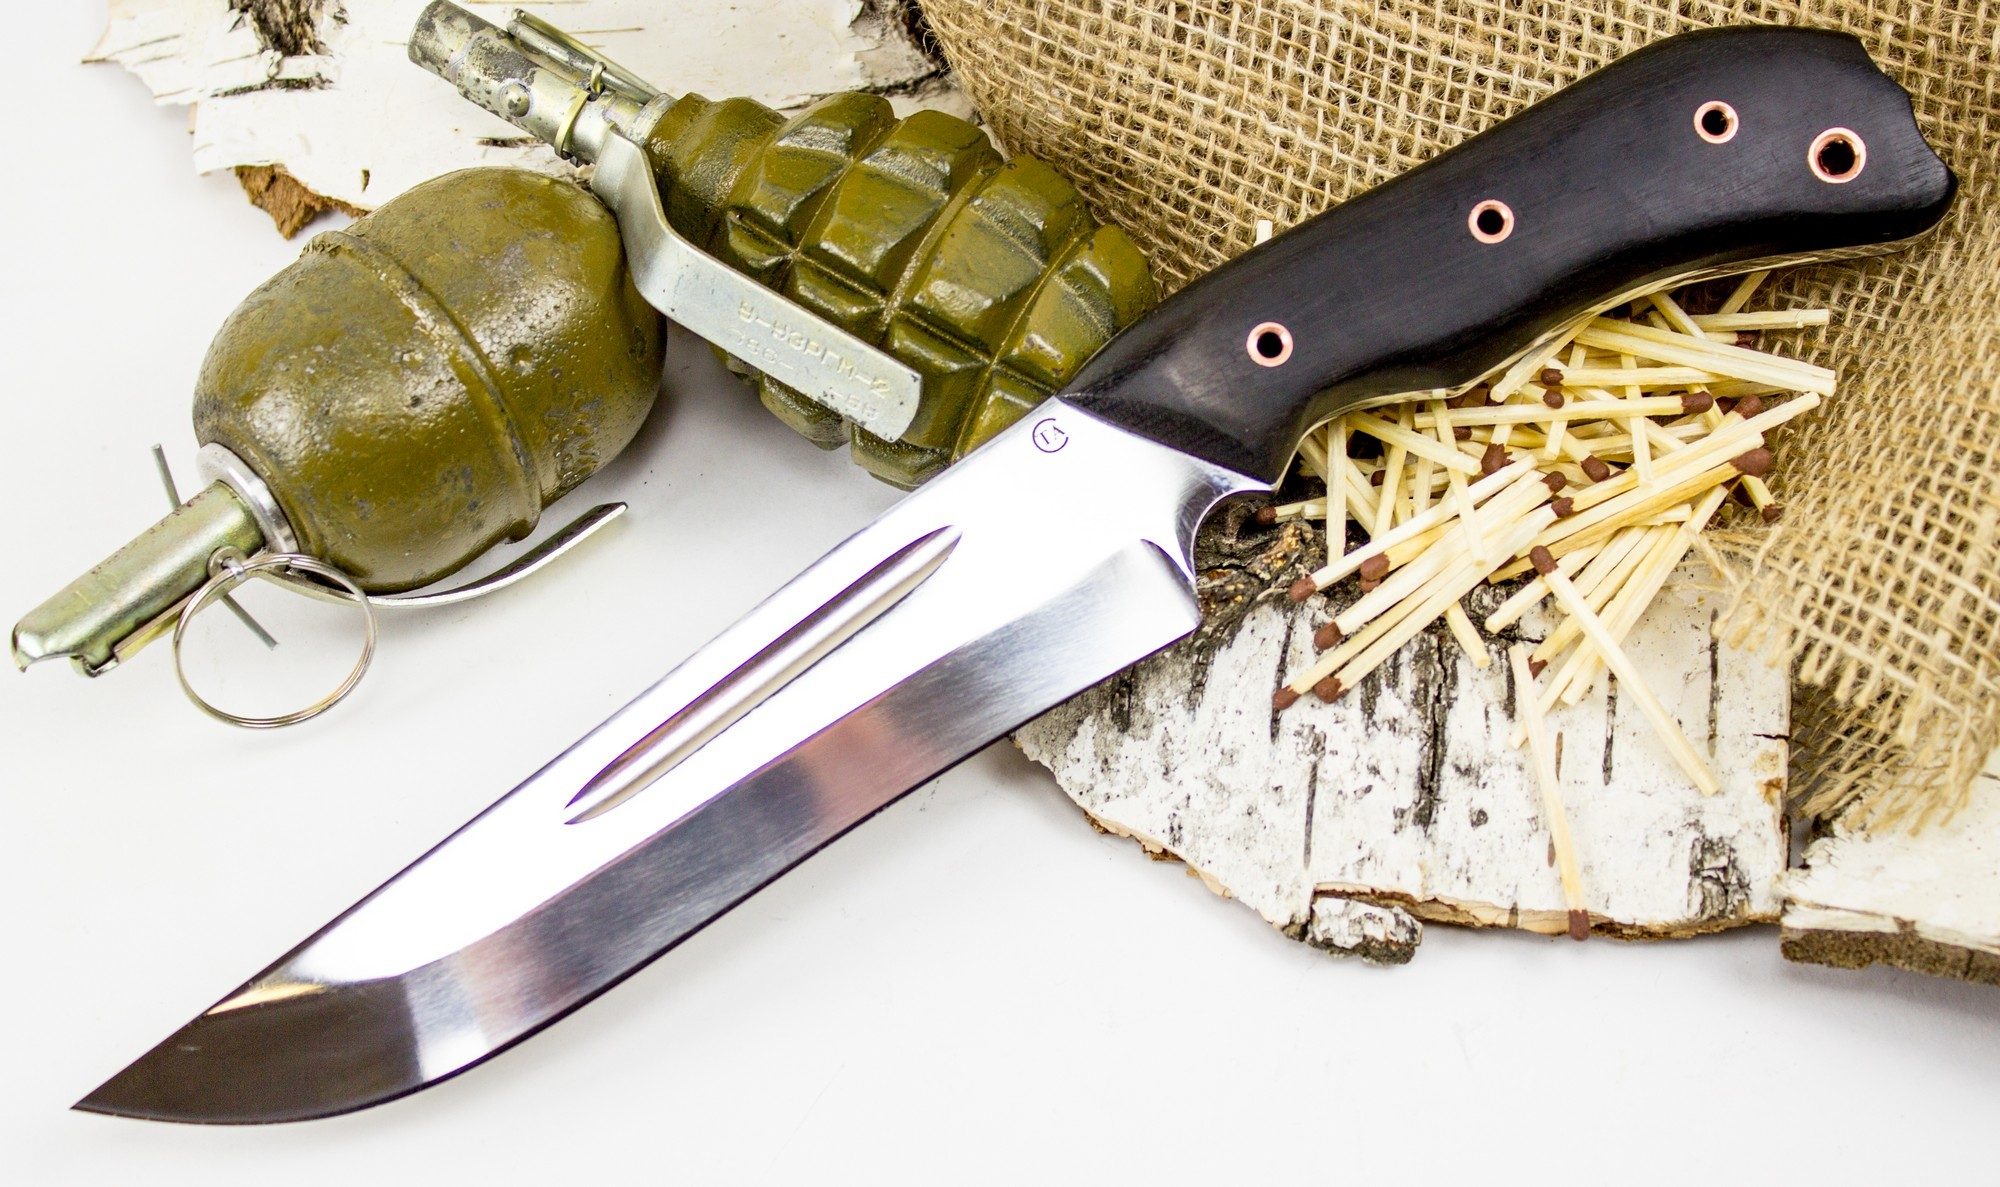 Нож Гарпун-1, сталь 95х18, венге от Титов и Солдатова